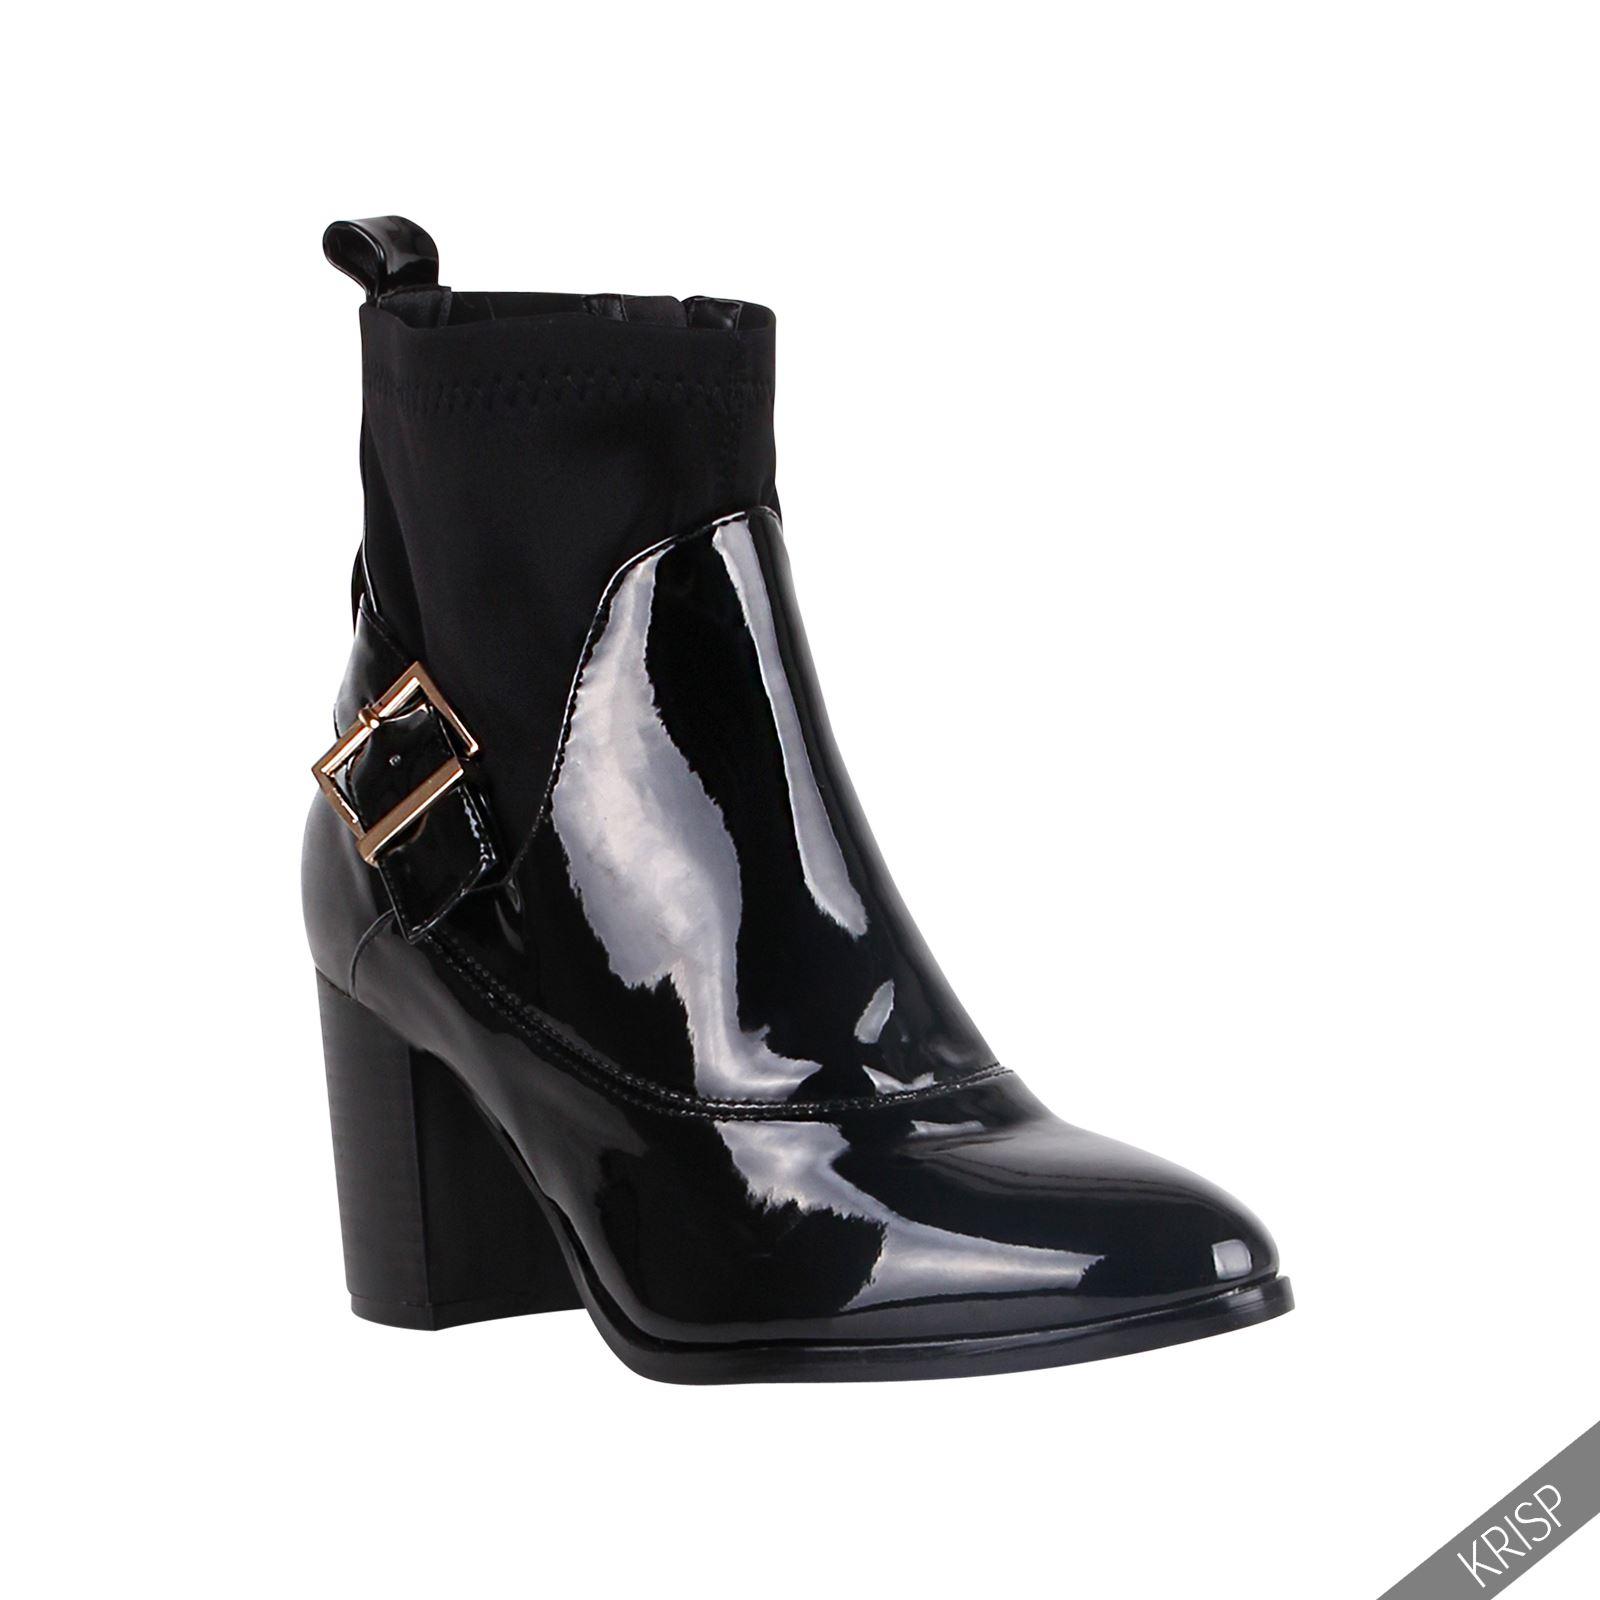 femmes bottines talon bloc aiguille vernis boots chaussures